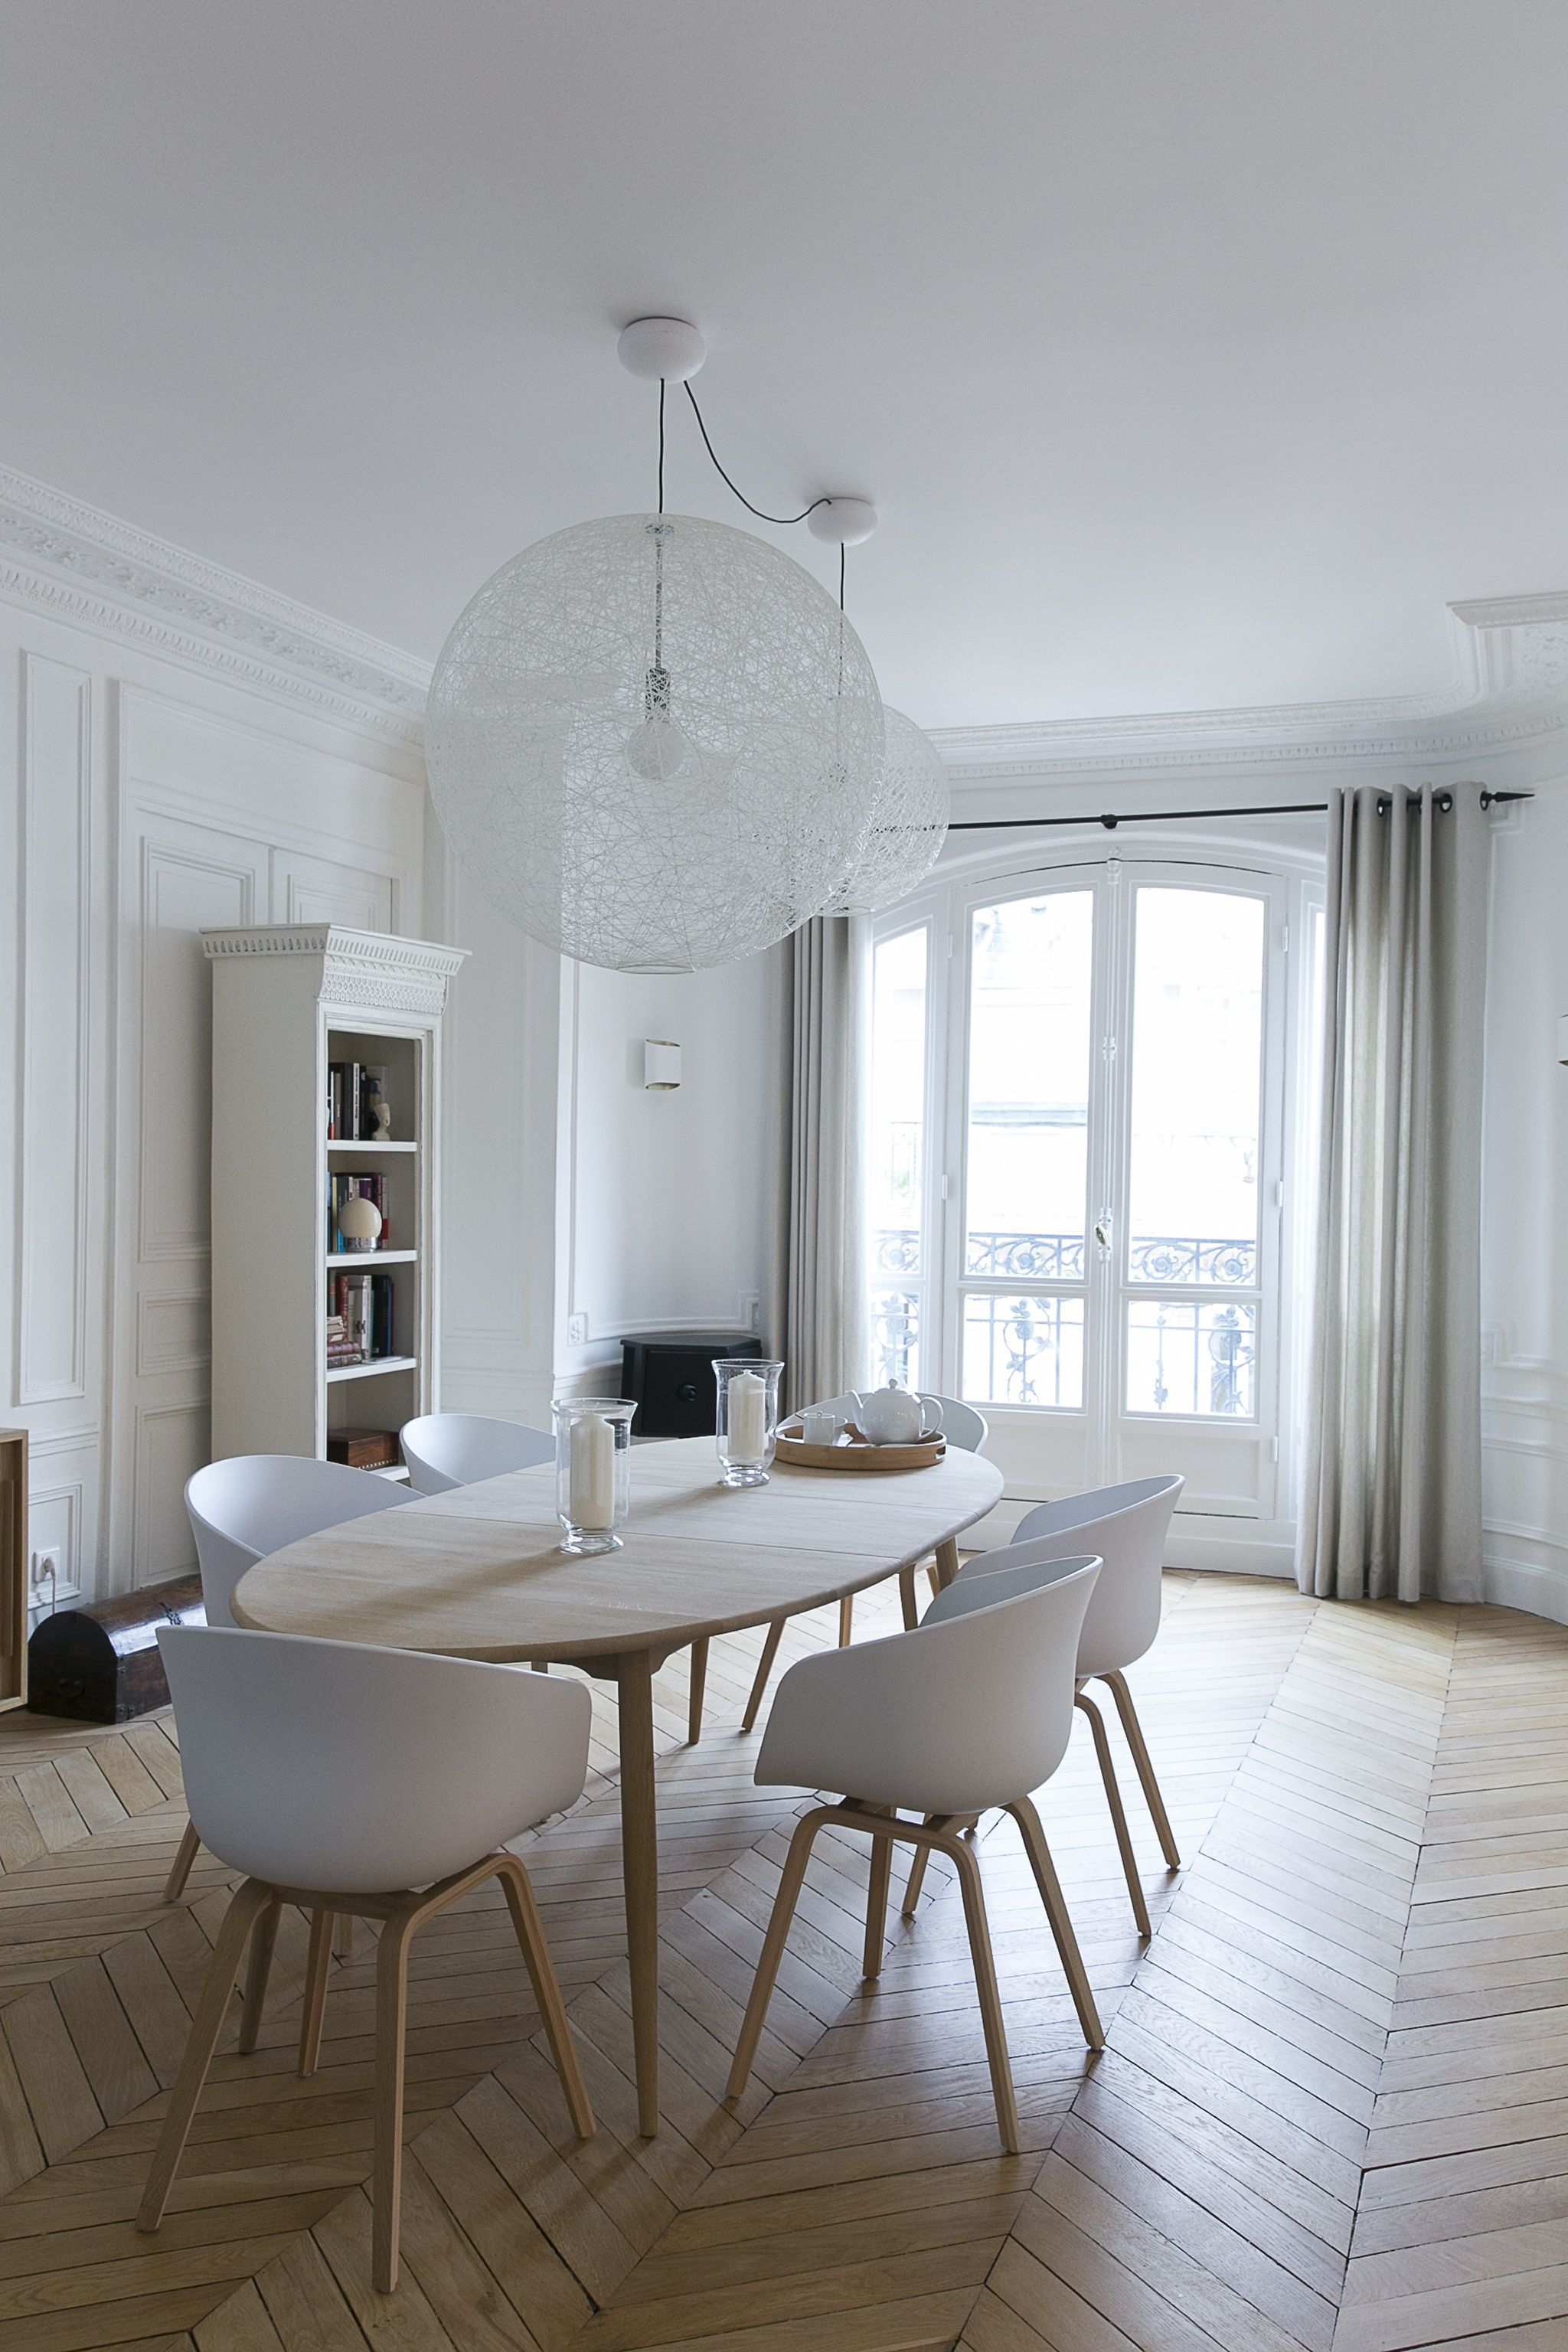 e43e2a4abb95a78bd7602159d31c09a0 Unique De Table Salle A Manger Design Schème